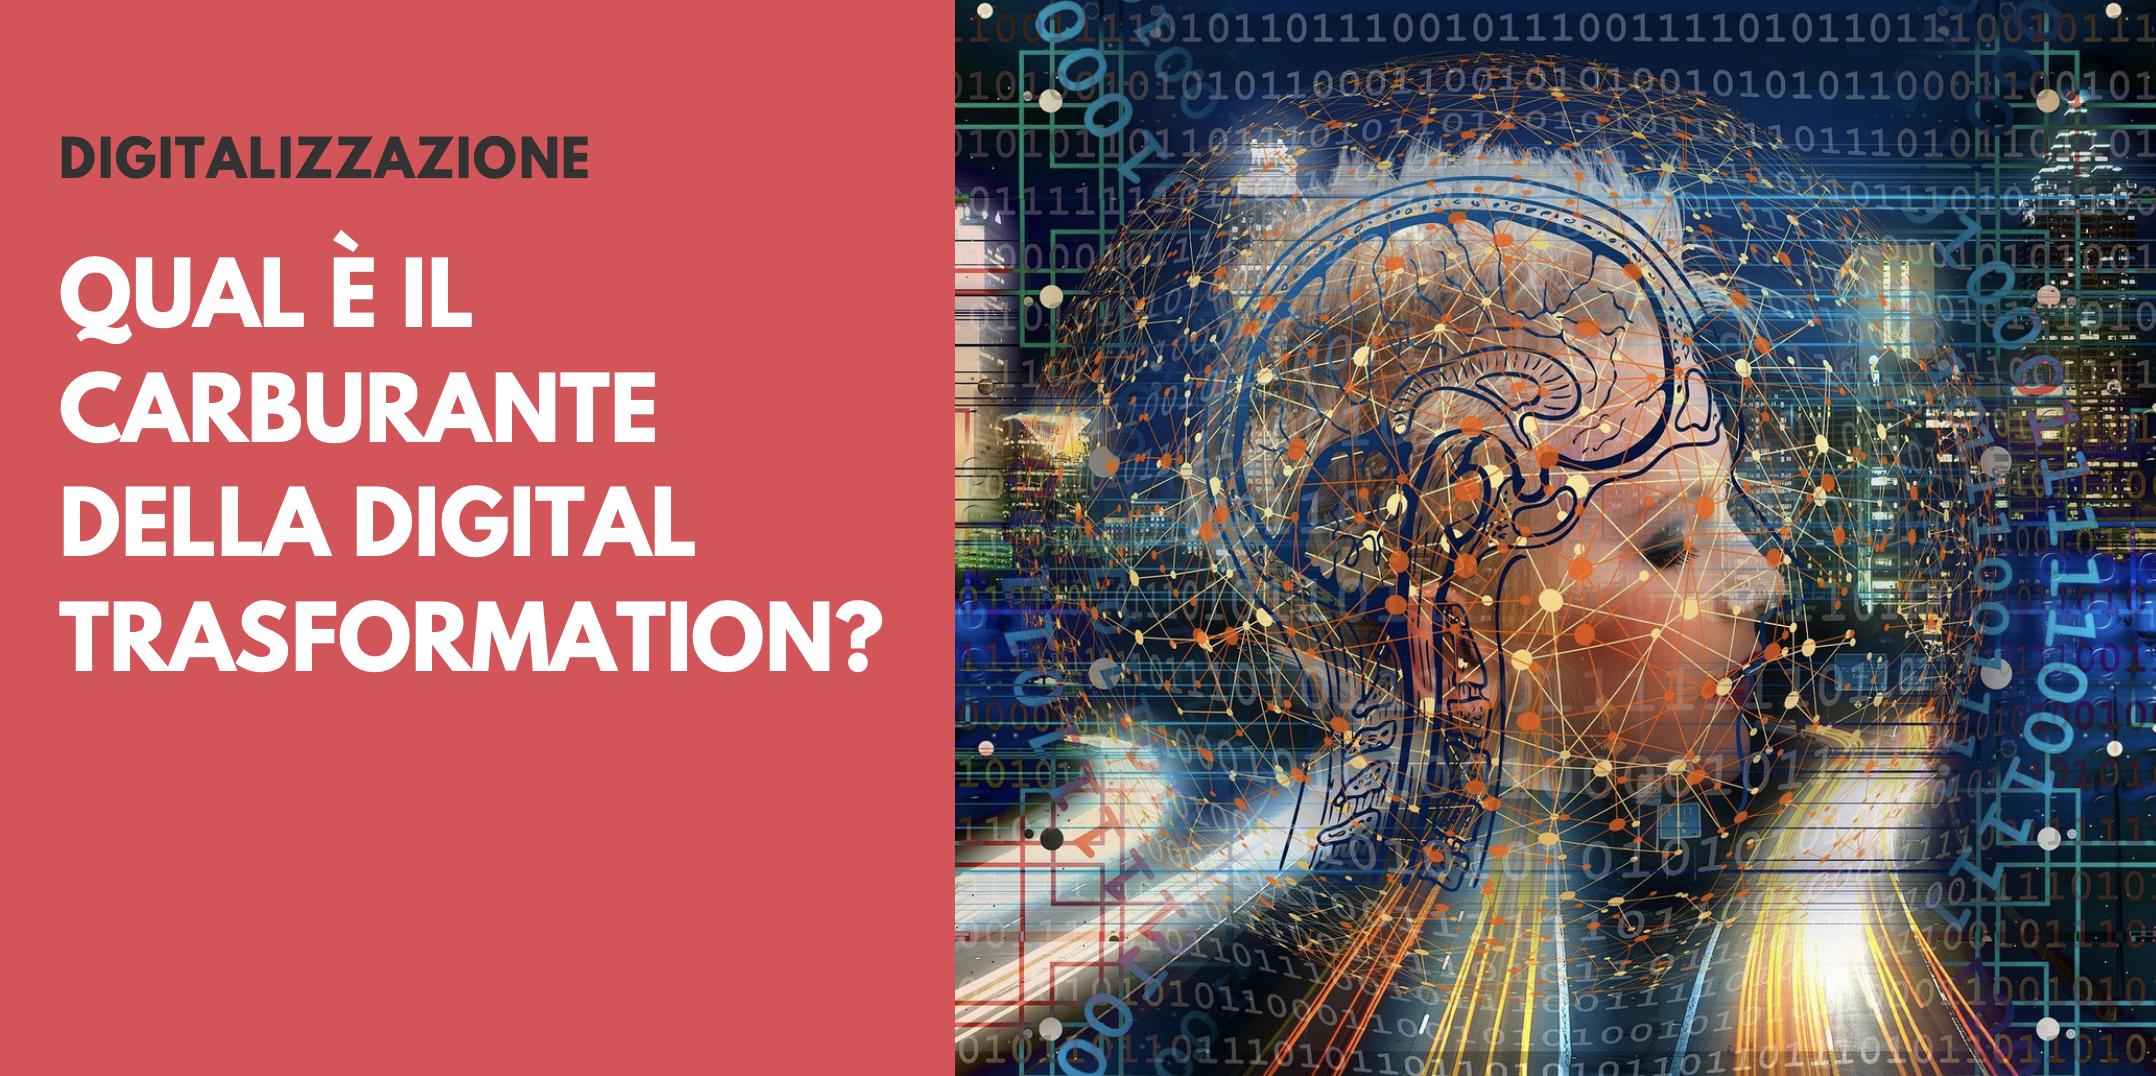 Qual è il carburante della Digital Trasformation?